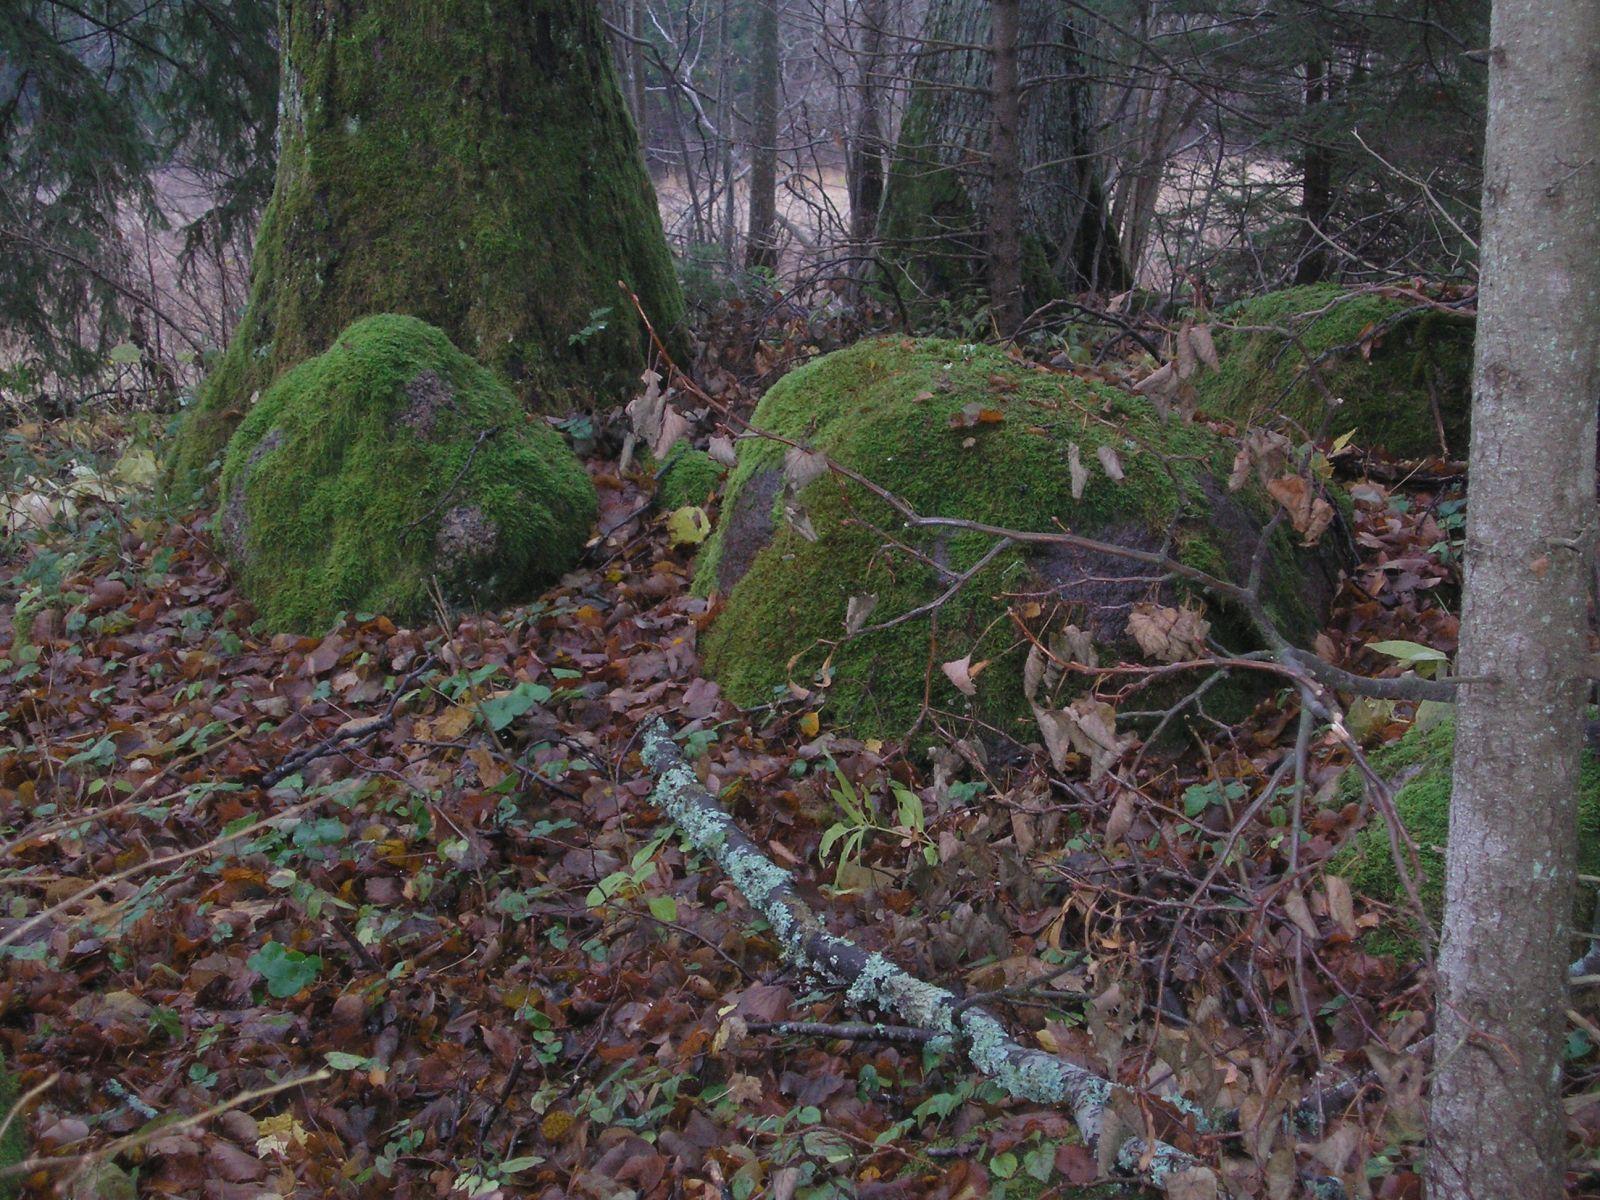 Hiiepuud ja -kivid